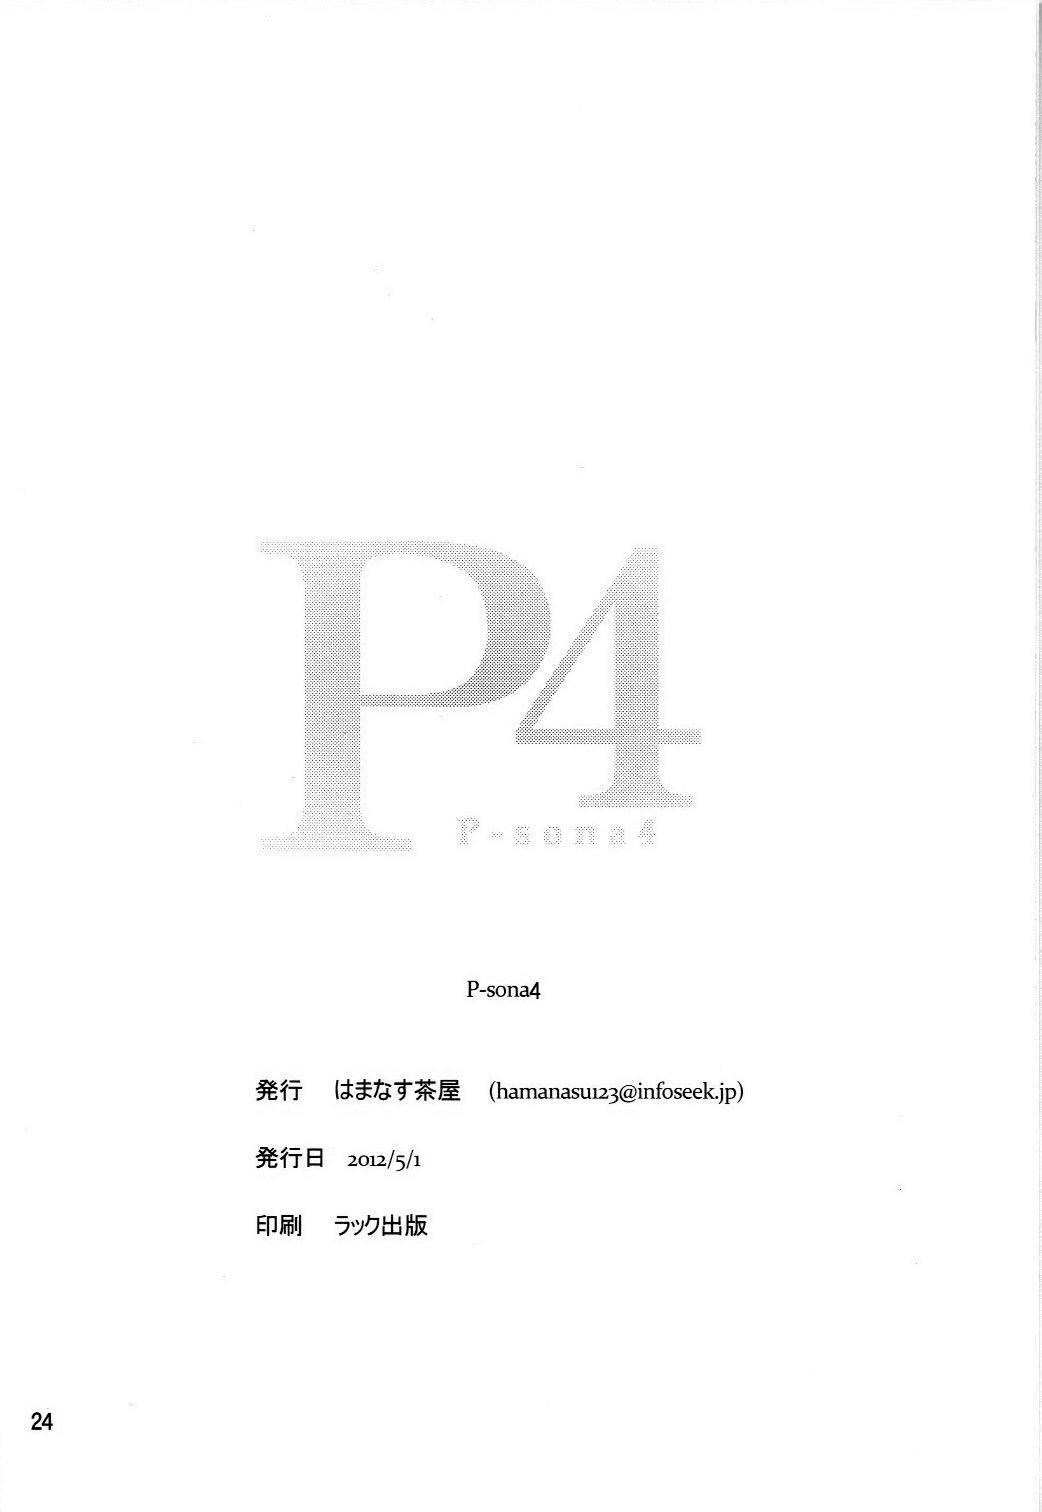 p-sona4 22